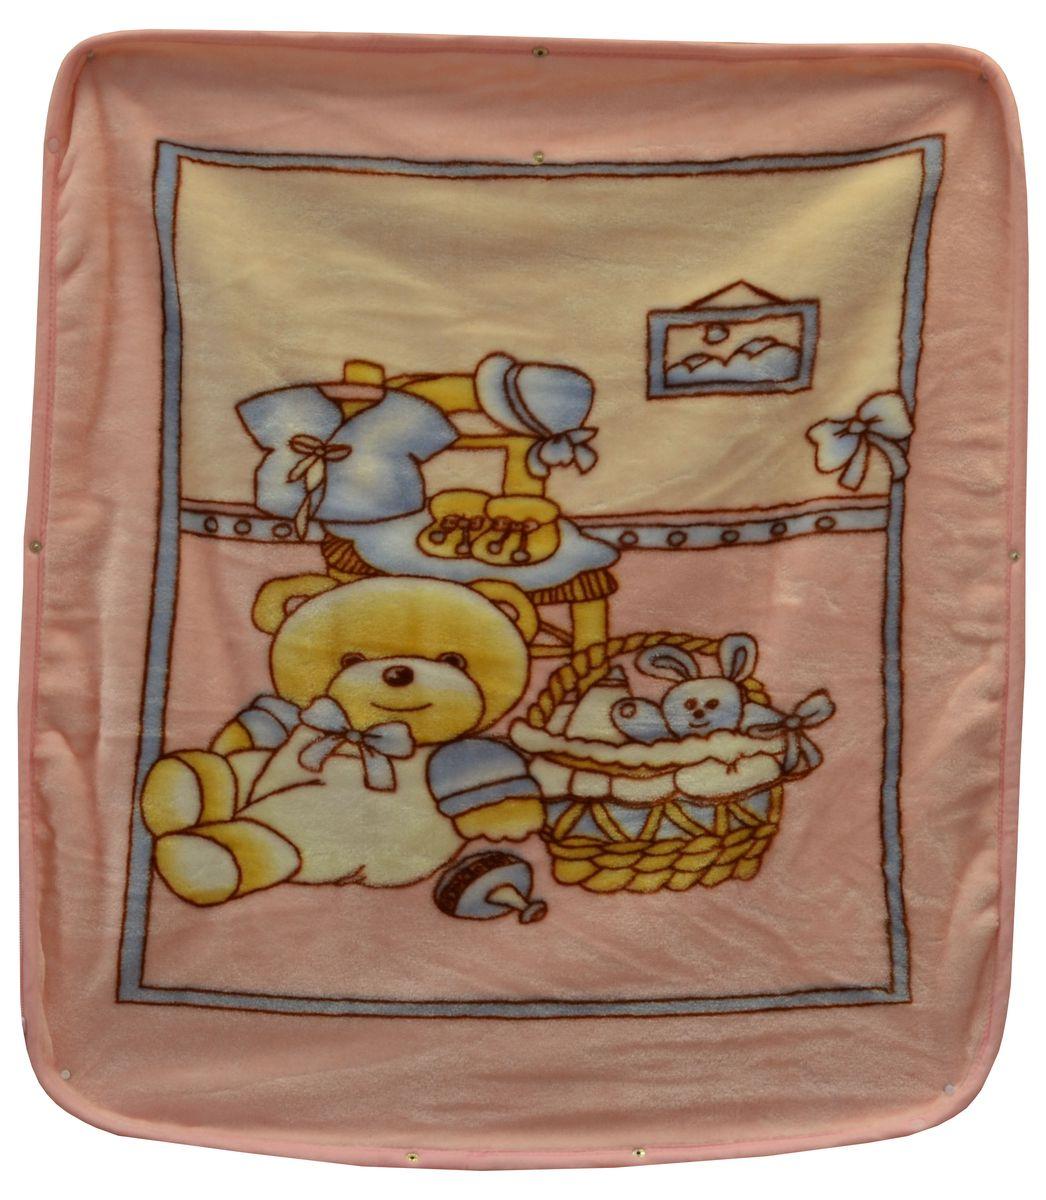 Bonne Fee Плед-накидка для младенцев на молнии 2, 80 х 90 см, цвет: розовый4433/пдПлед-накидка для младенцев на молнии Bonne Fee - защита, тепло и комфорт для малышей - использован надёжный, качественный и мягкий материал! Удобство и спокойствие для родителей обеспечивается универсальностью пледа-накидки, конструкция которого позволяет ему легко превращаться в конвертик. Отличное качество и практичность! Любите своего ребёнка и дарите ему лучшее!